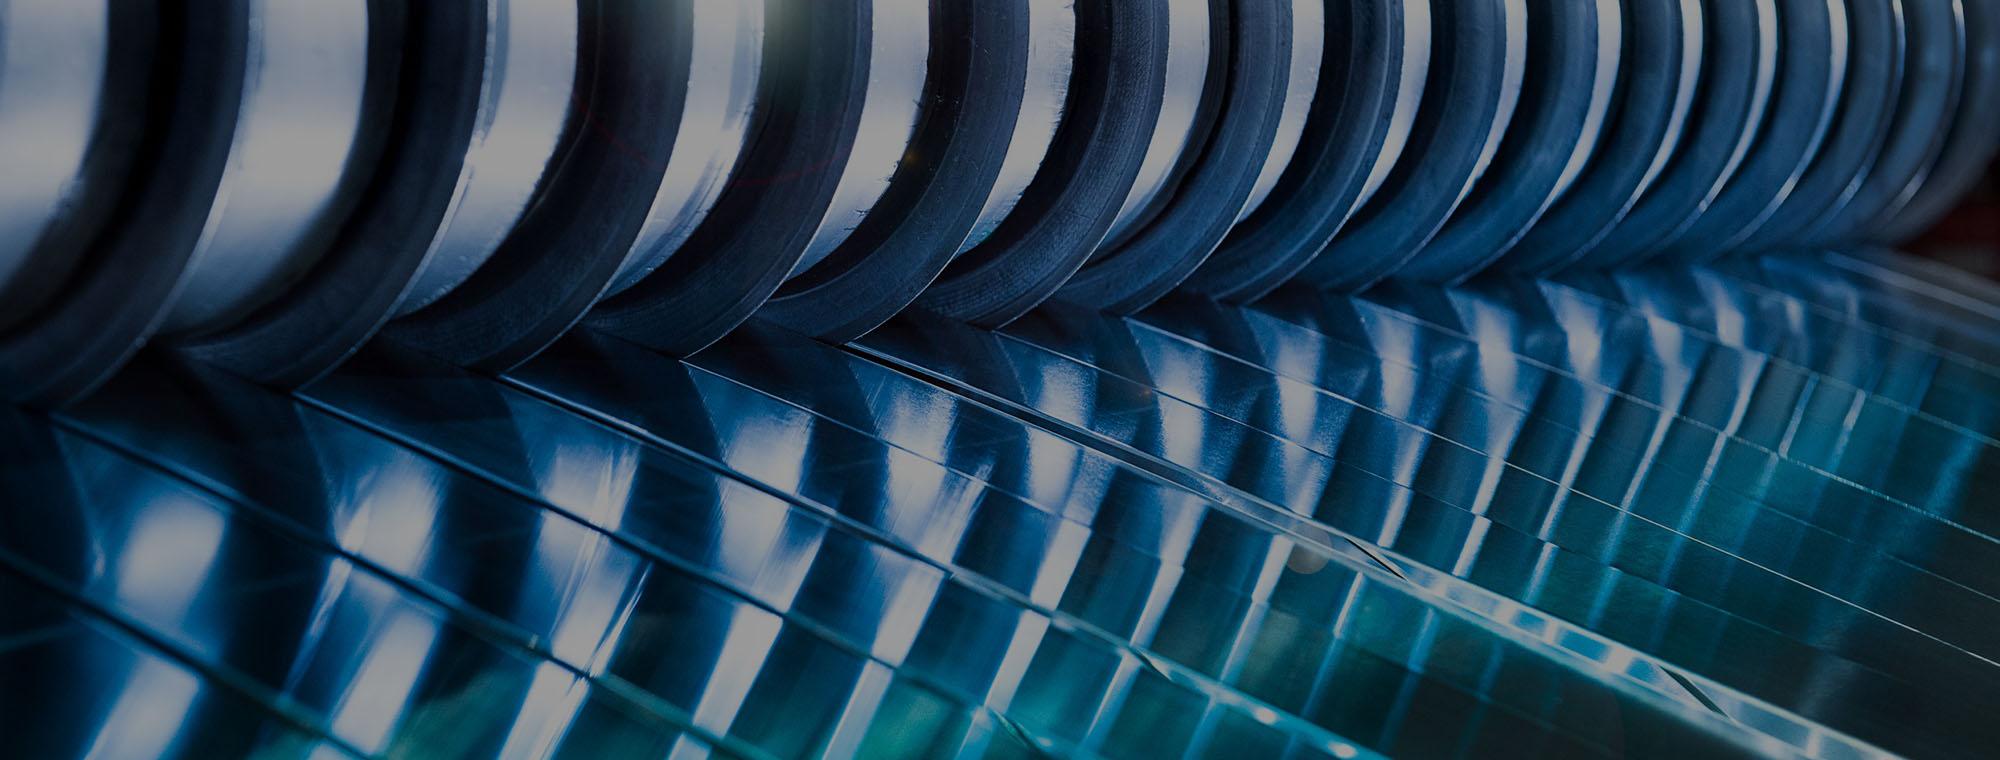 LAG Laminati Alluminio Gallarate info tecniche